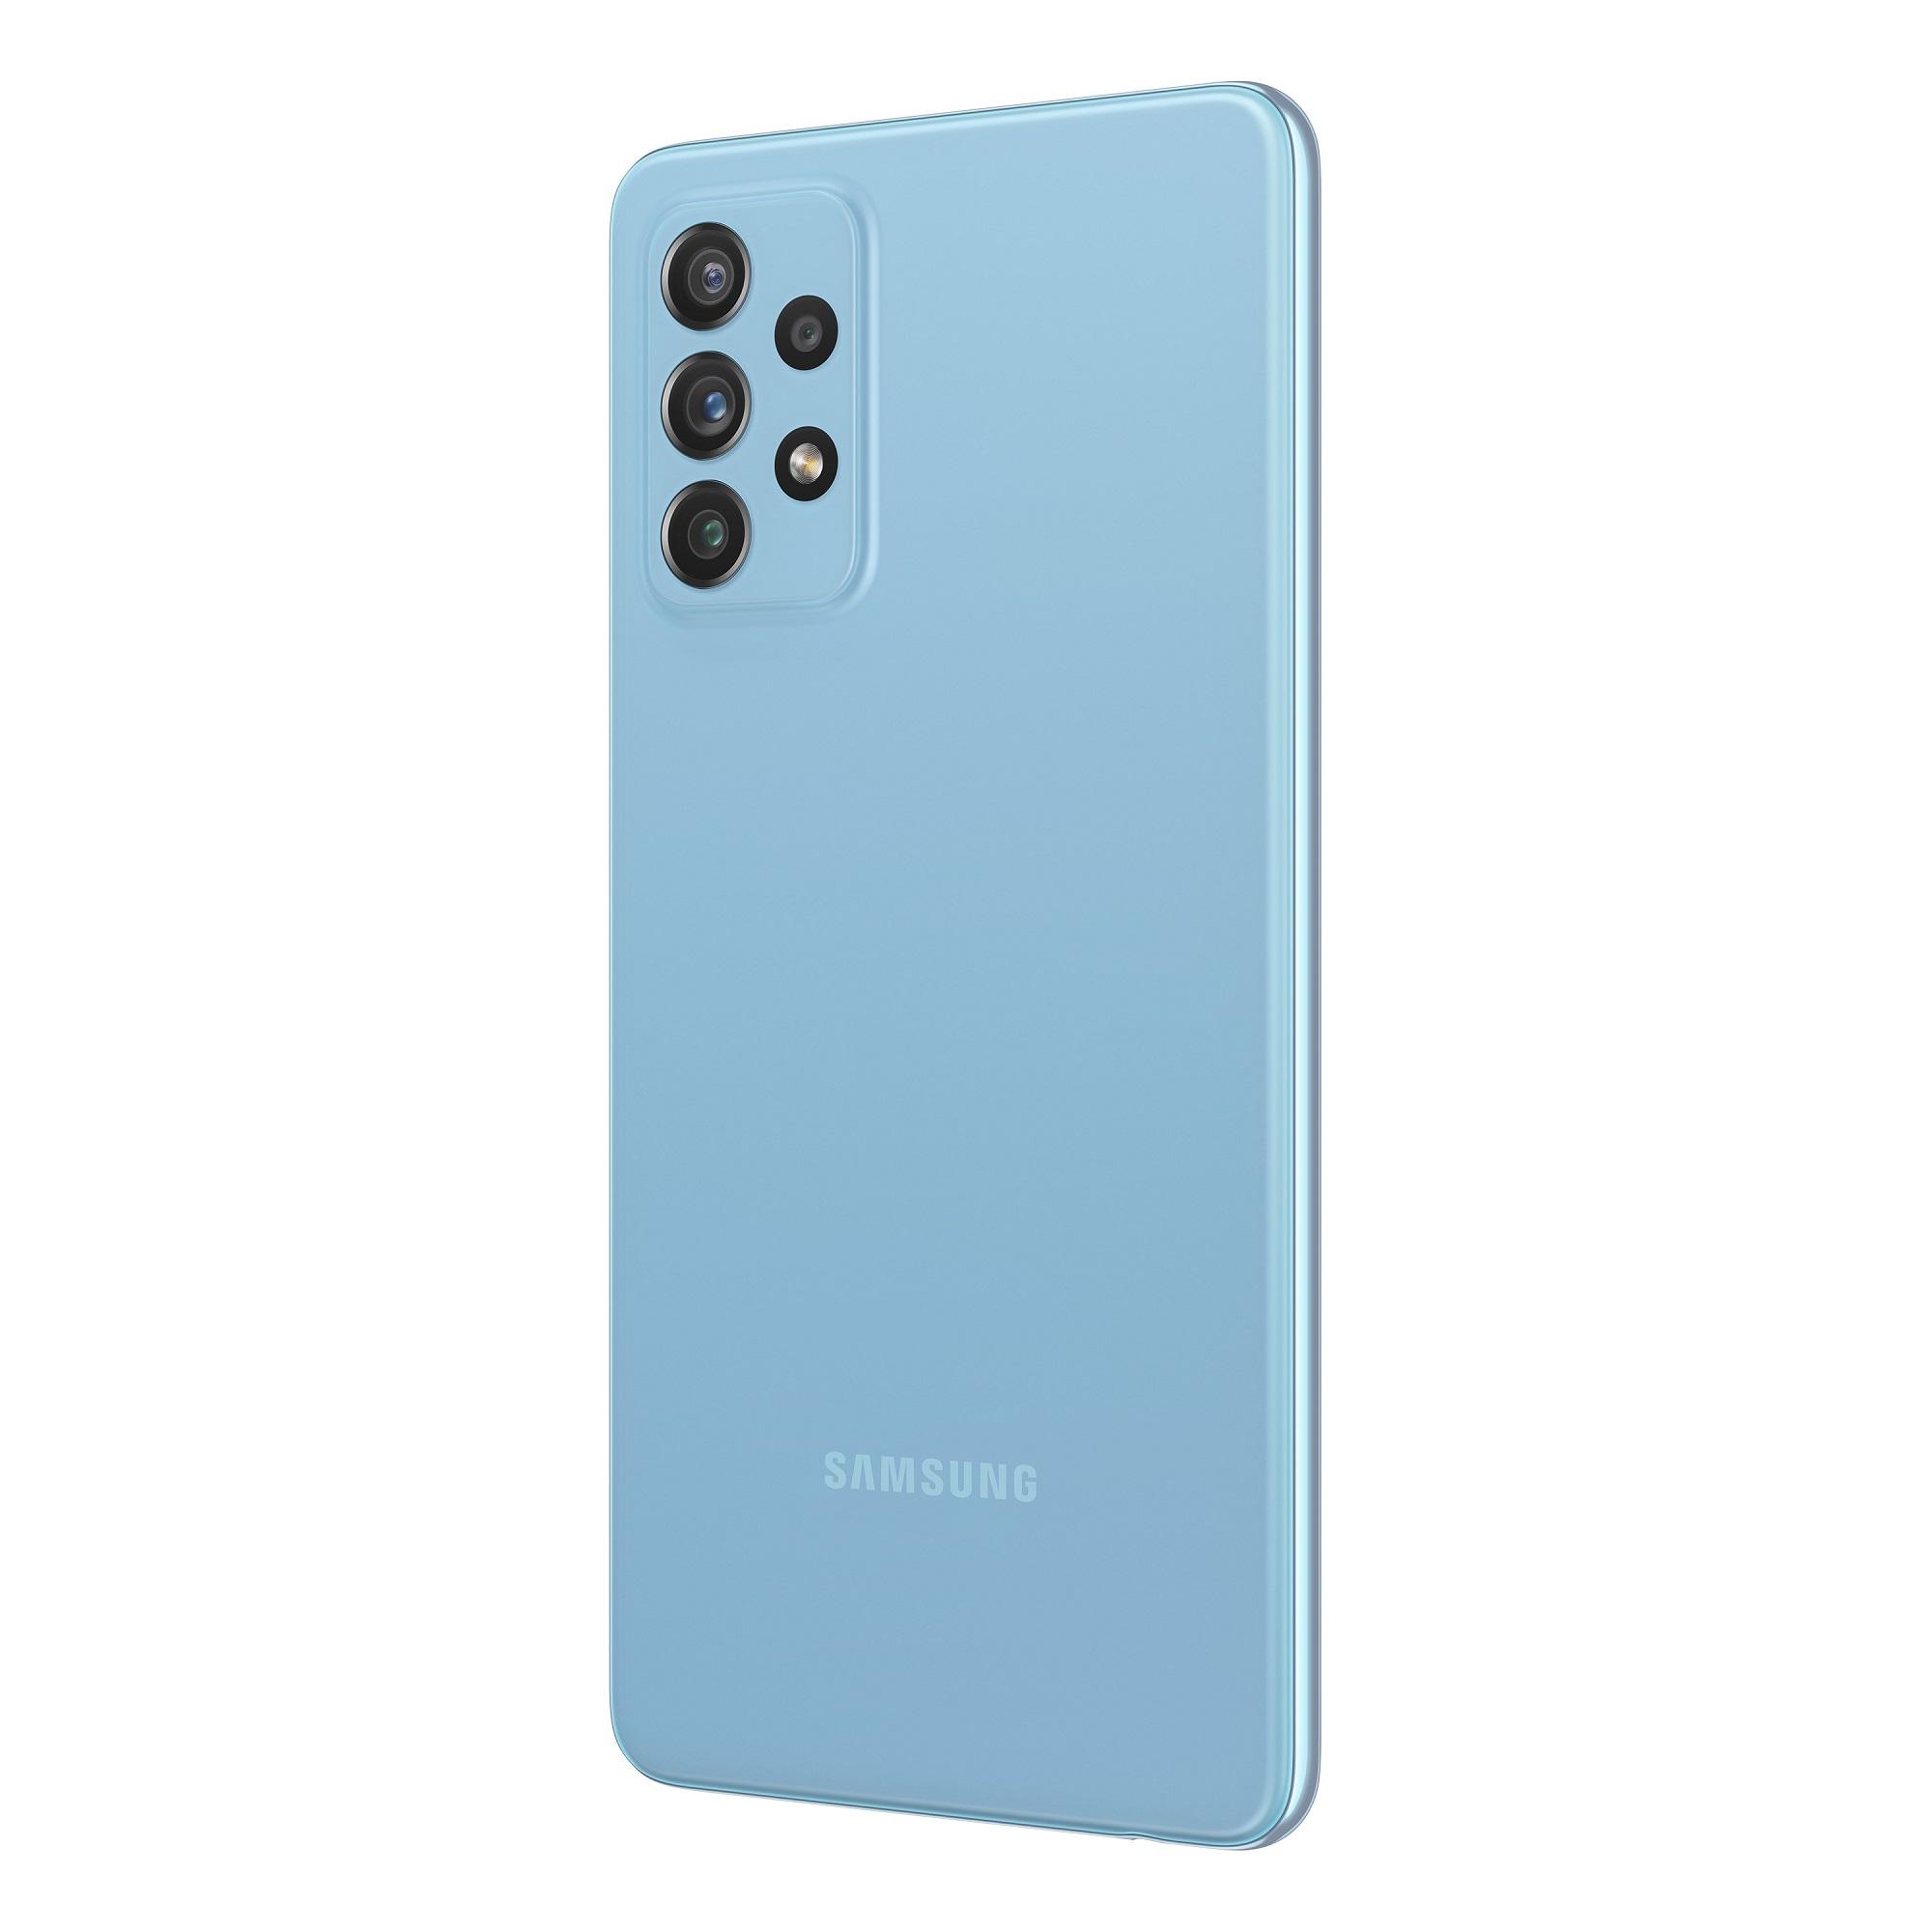 Benzersiz Tasarımı ile Samsung Galaxy A72 128 GB / 8 GB